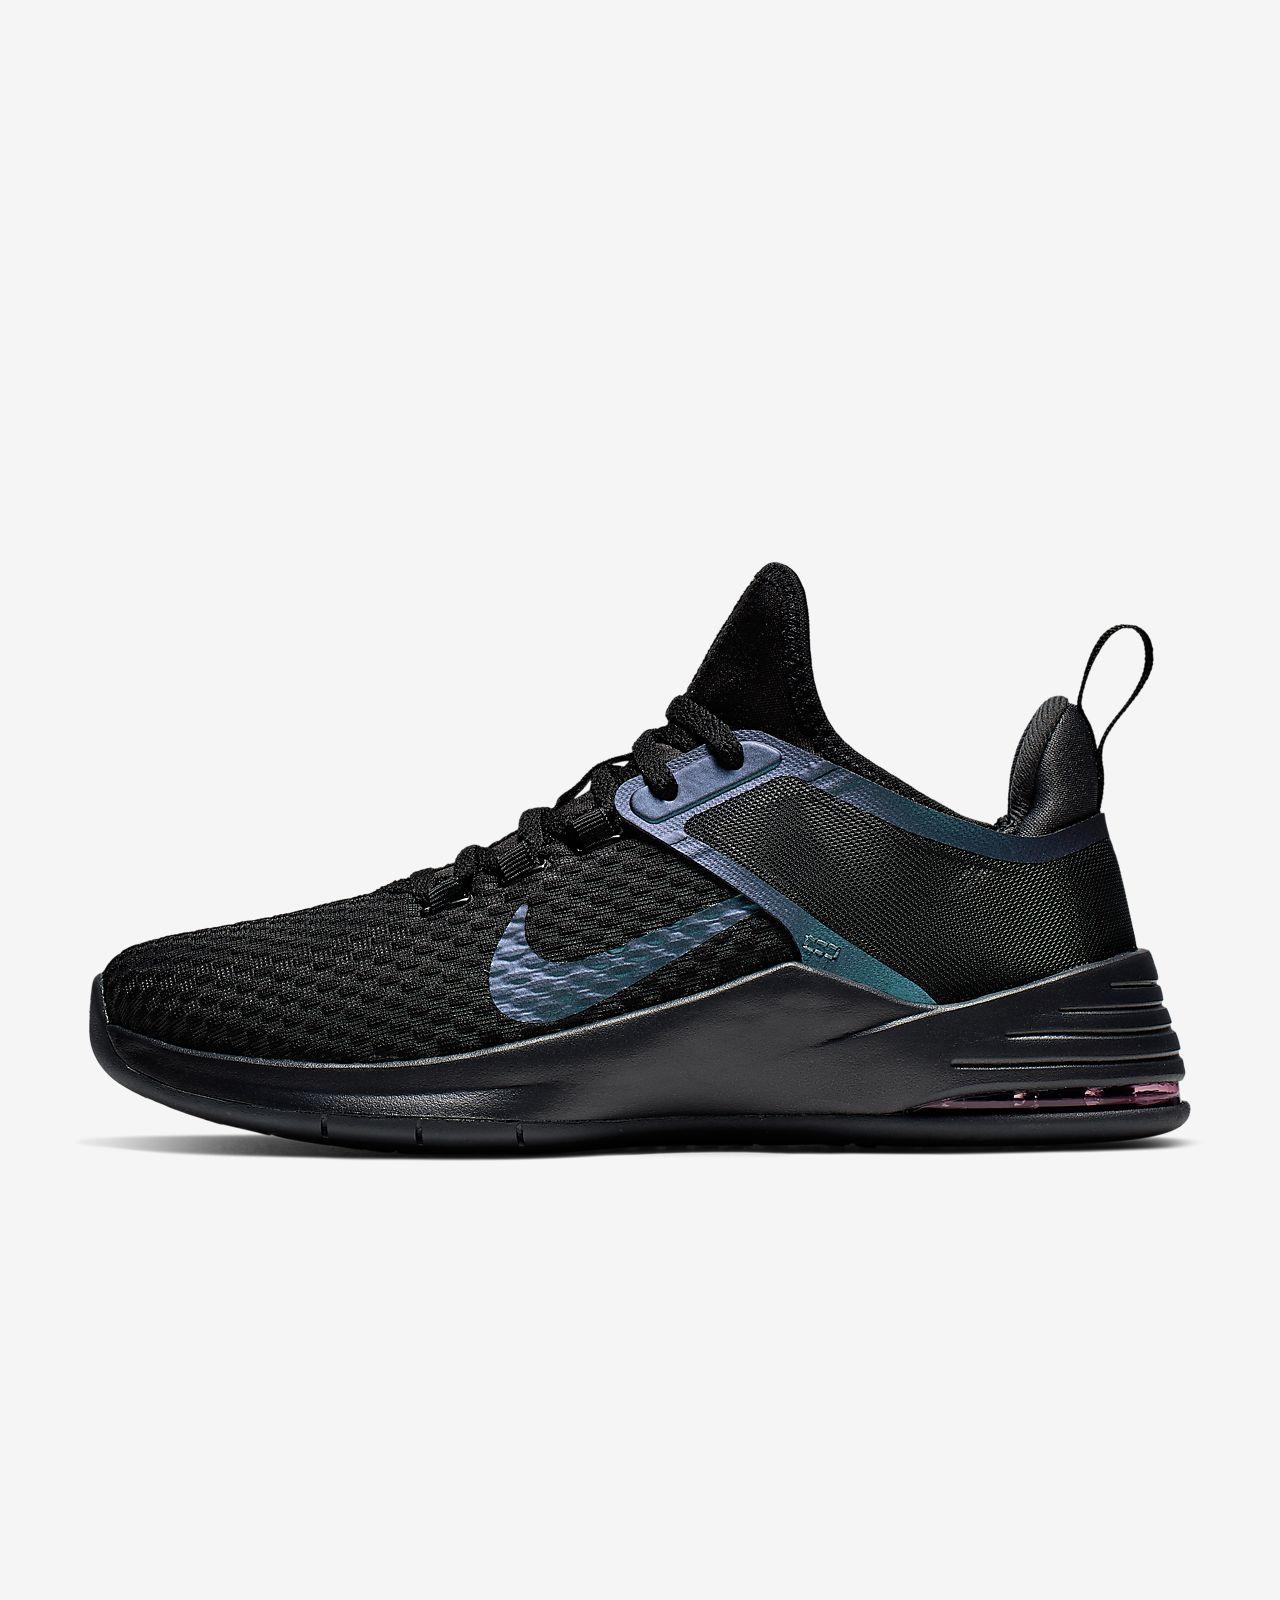 best website e1ef3 477a4 ... Träningssko Nike Air Max Bella TR 2 AMD för kvinnor